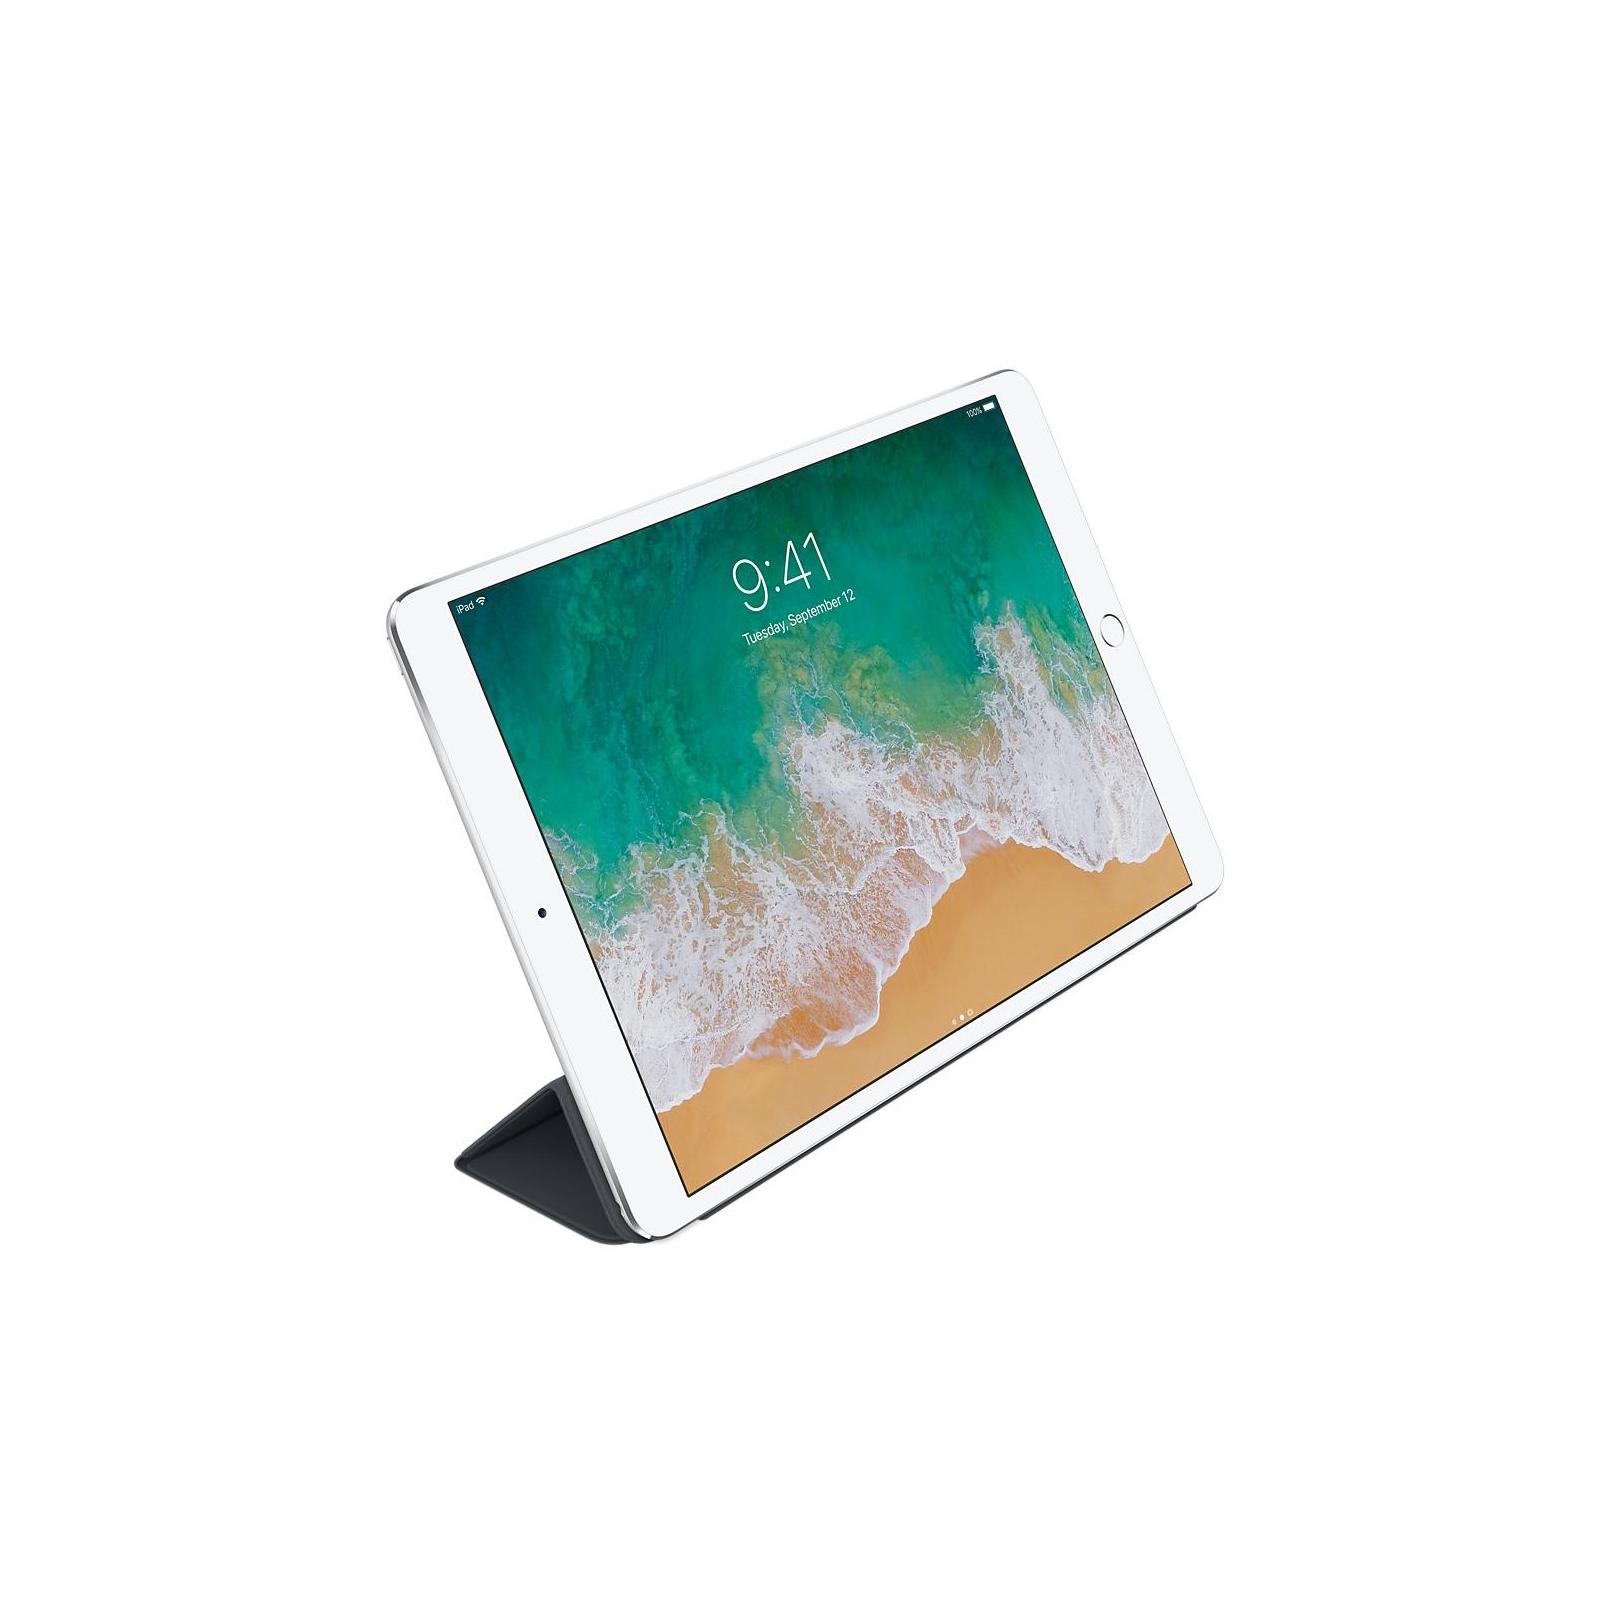 Чехол для планшета Apple Smart Cover for 10.5‑inch iPad Pro - Charcoal Gray (MQ082ZM/A) изображение 4